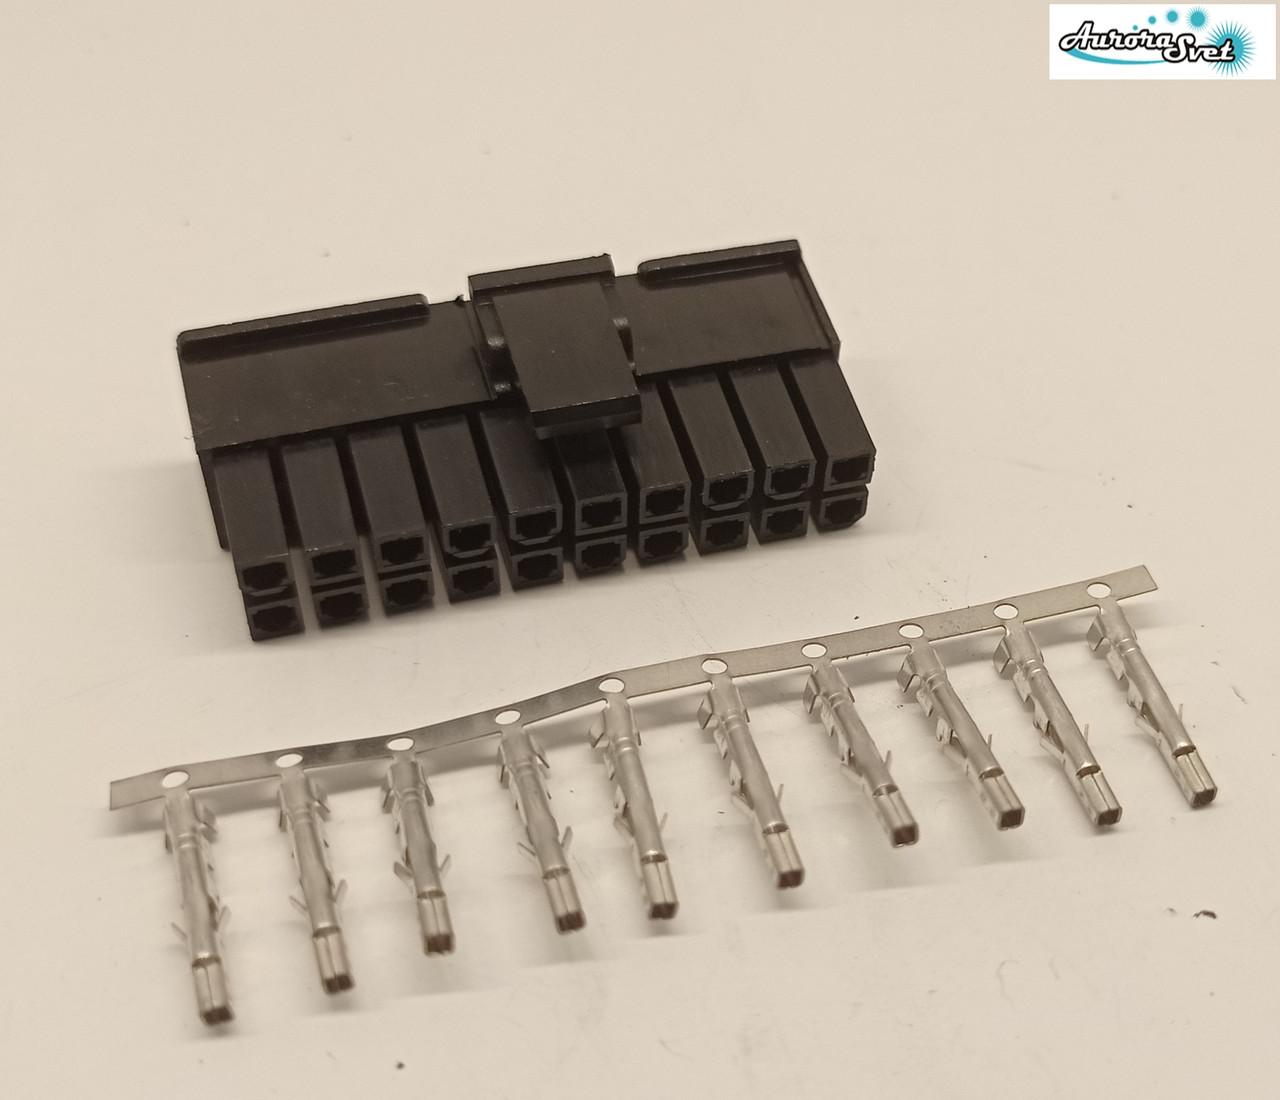 Разъем Molex 20 контактный мама + контакты,для питания видеокарты под обжимку.Коннектор  PCI-E 4.2mm  2x10Pin